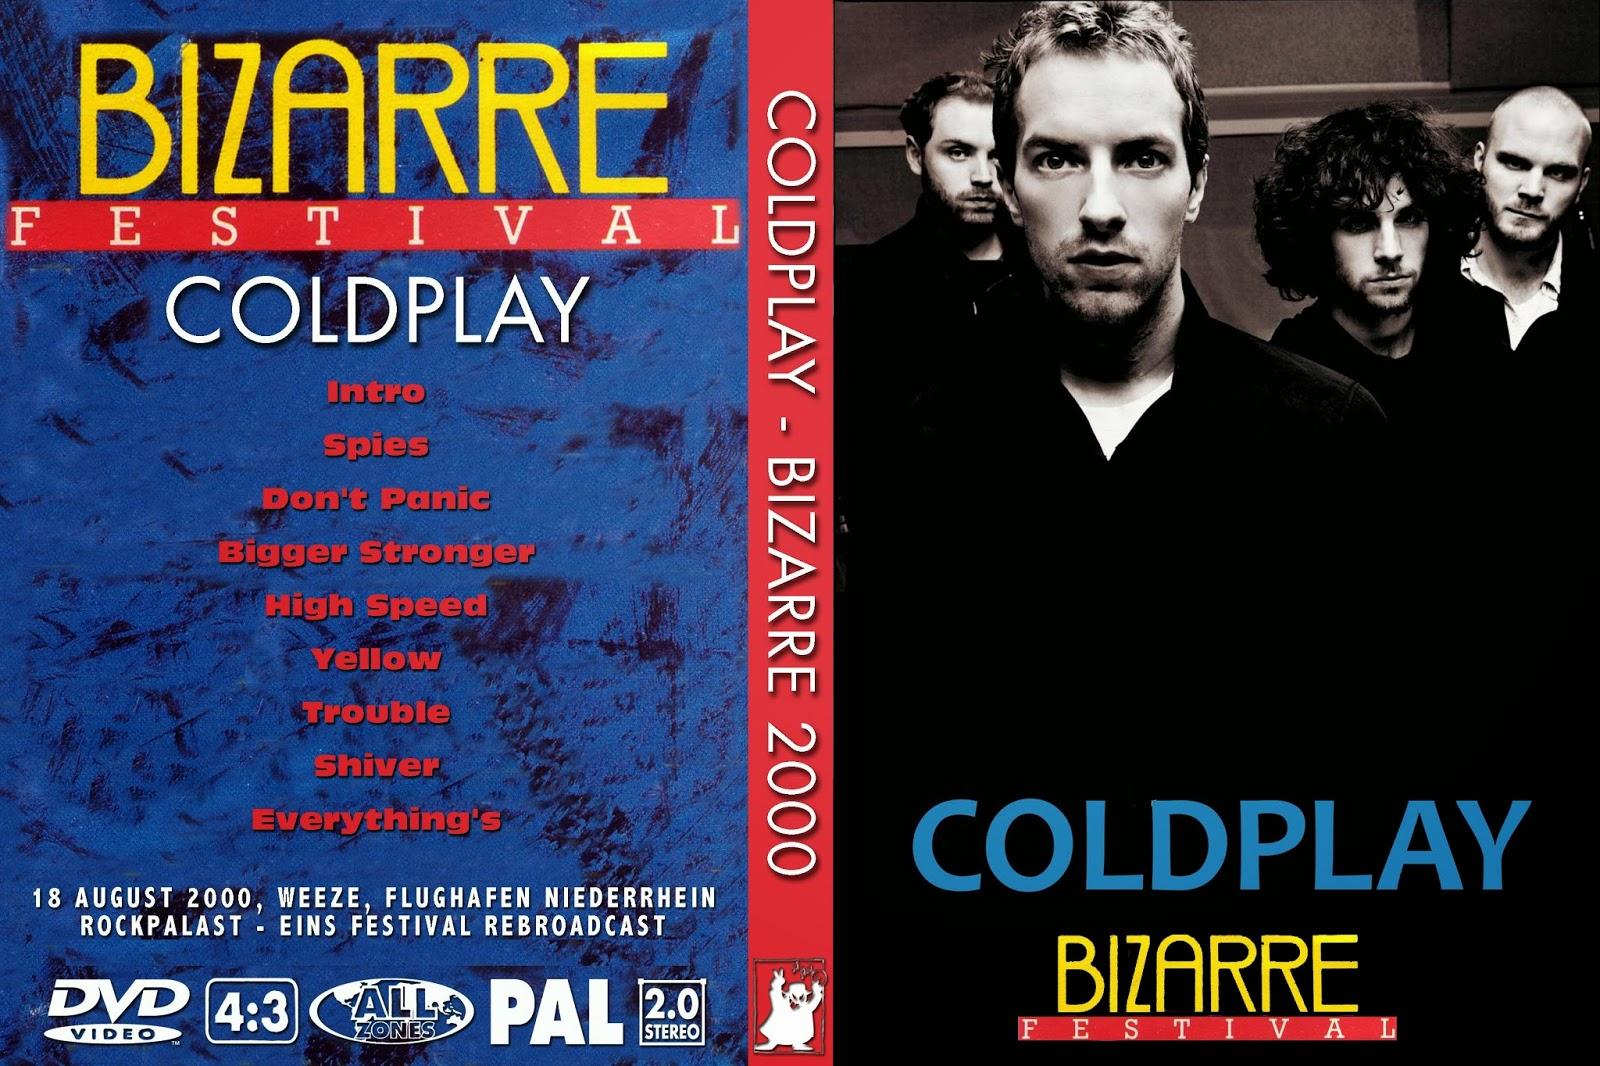 film blue terlaris sepanjang masa download mp3 gratis download